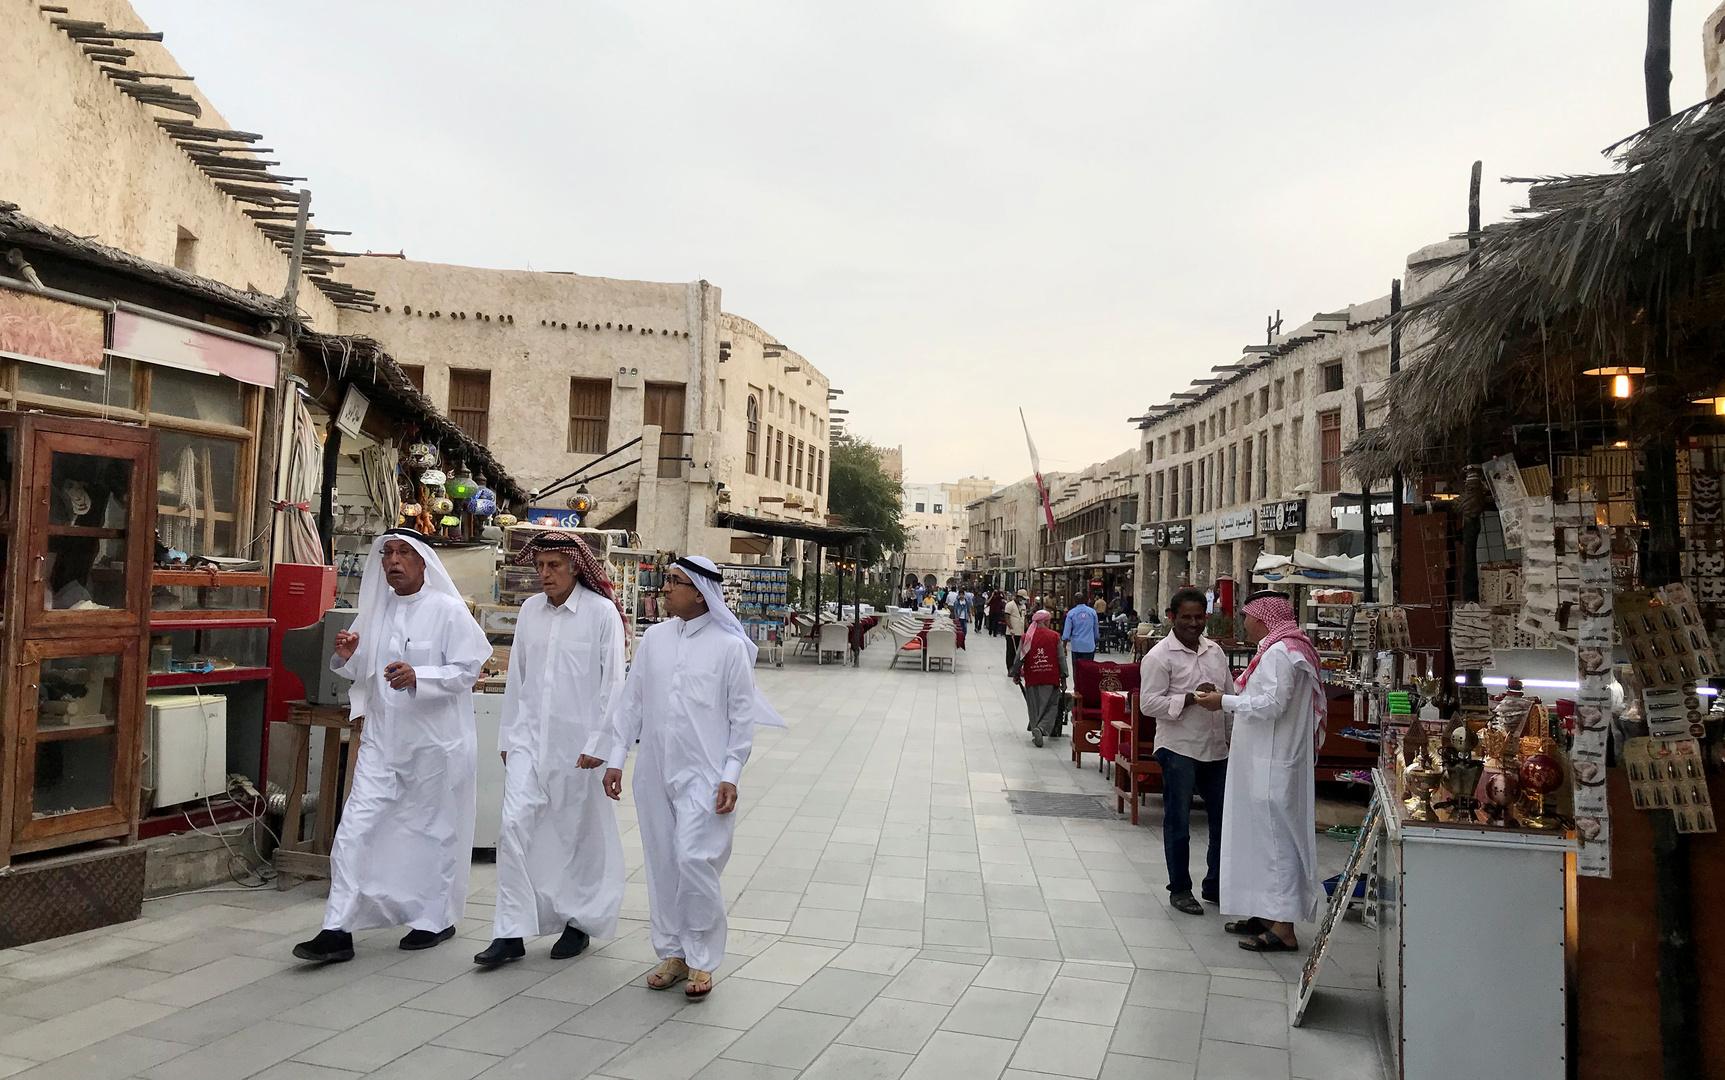 قطر تعلن تسجيل 1365 إصابة جديدة بفيروس كورونا خلال الساعات الـ24 الماضية